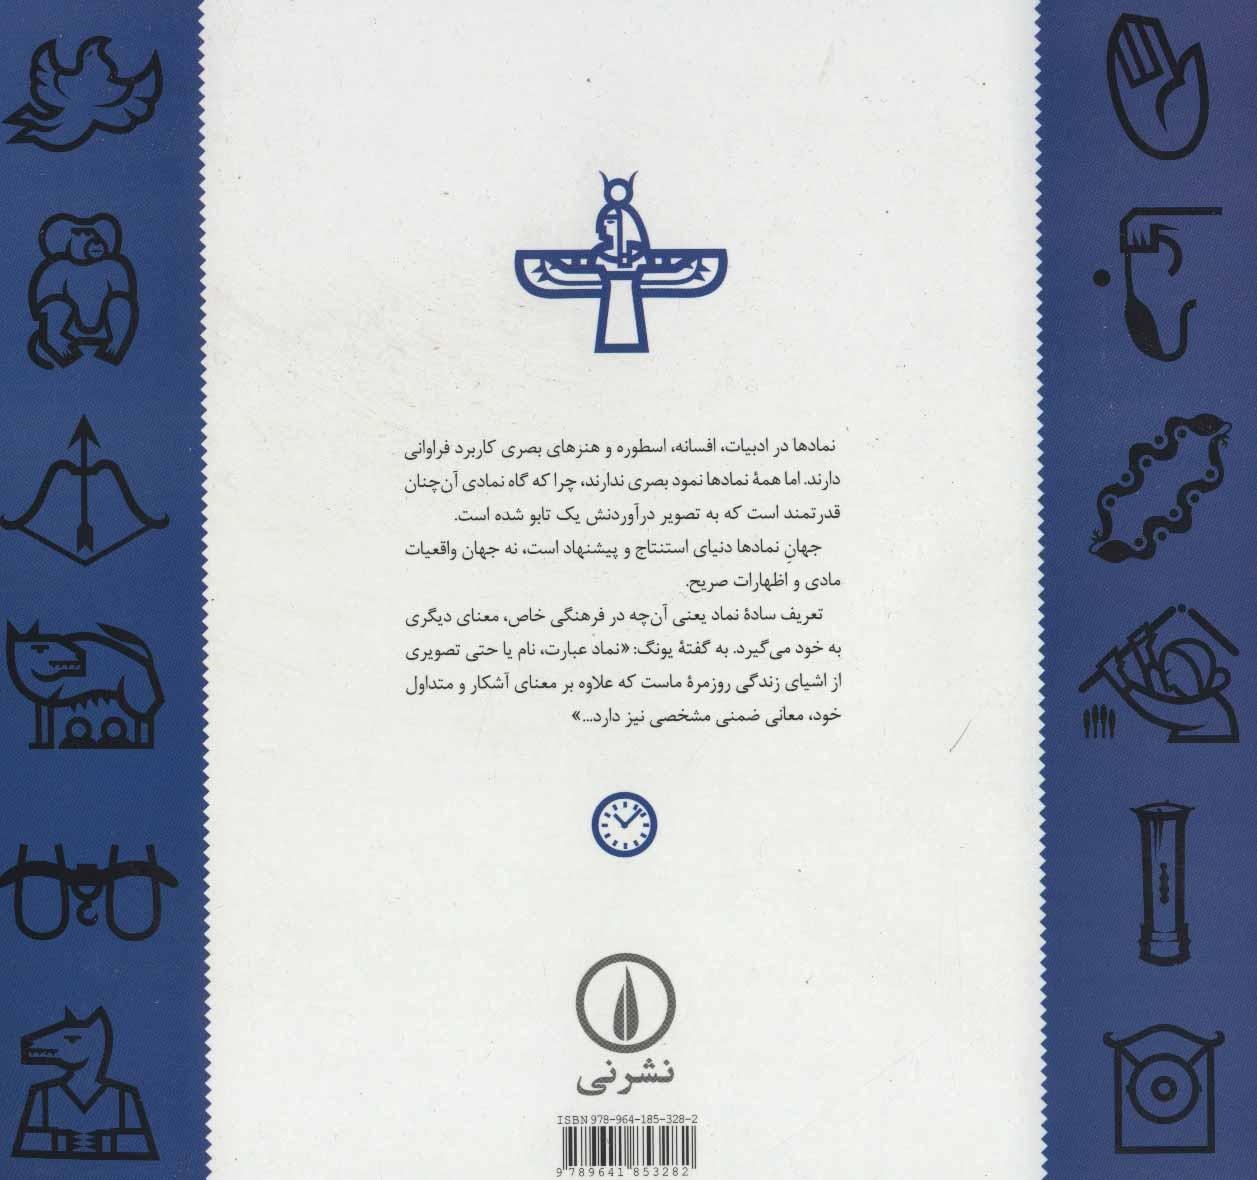 1000 نماد (در هنر و اسطوره شکل به چه معناست)